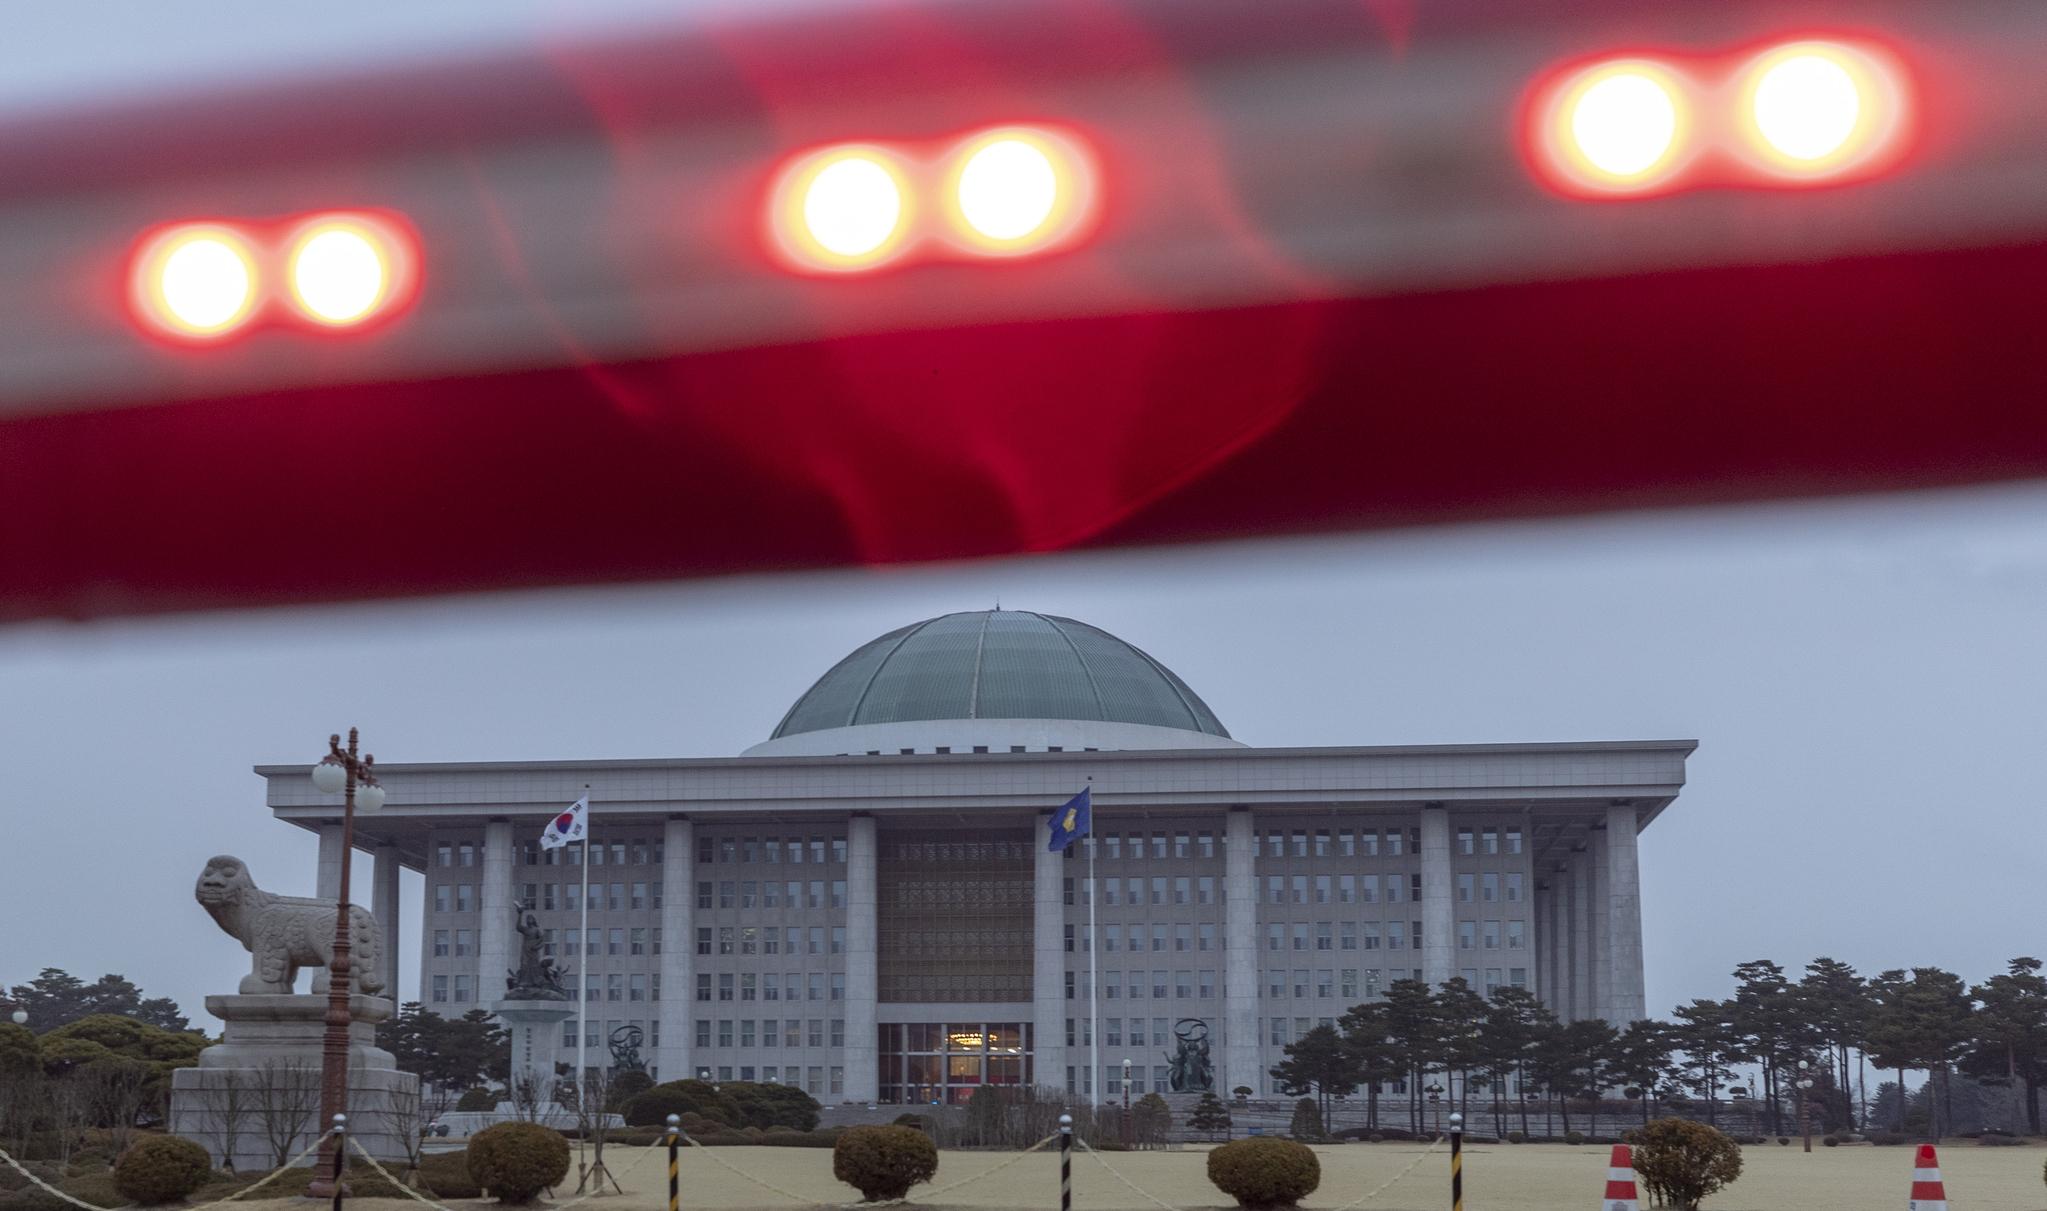 미래통합당의 한 행사에 코로나19 확진자가 참석한 것으로 알려지면서 25일 헌정 사상 처음으로 국회 본청을 비롯해 모든 국회 건물이 폐쇄되었다. 25일 국회 앞 출입문 차단 봉에 빨간불이 켜져 있다. 임현동 기자